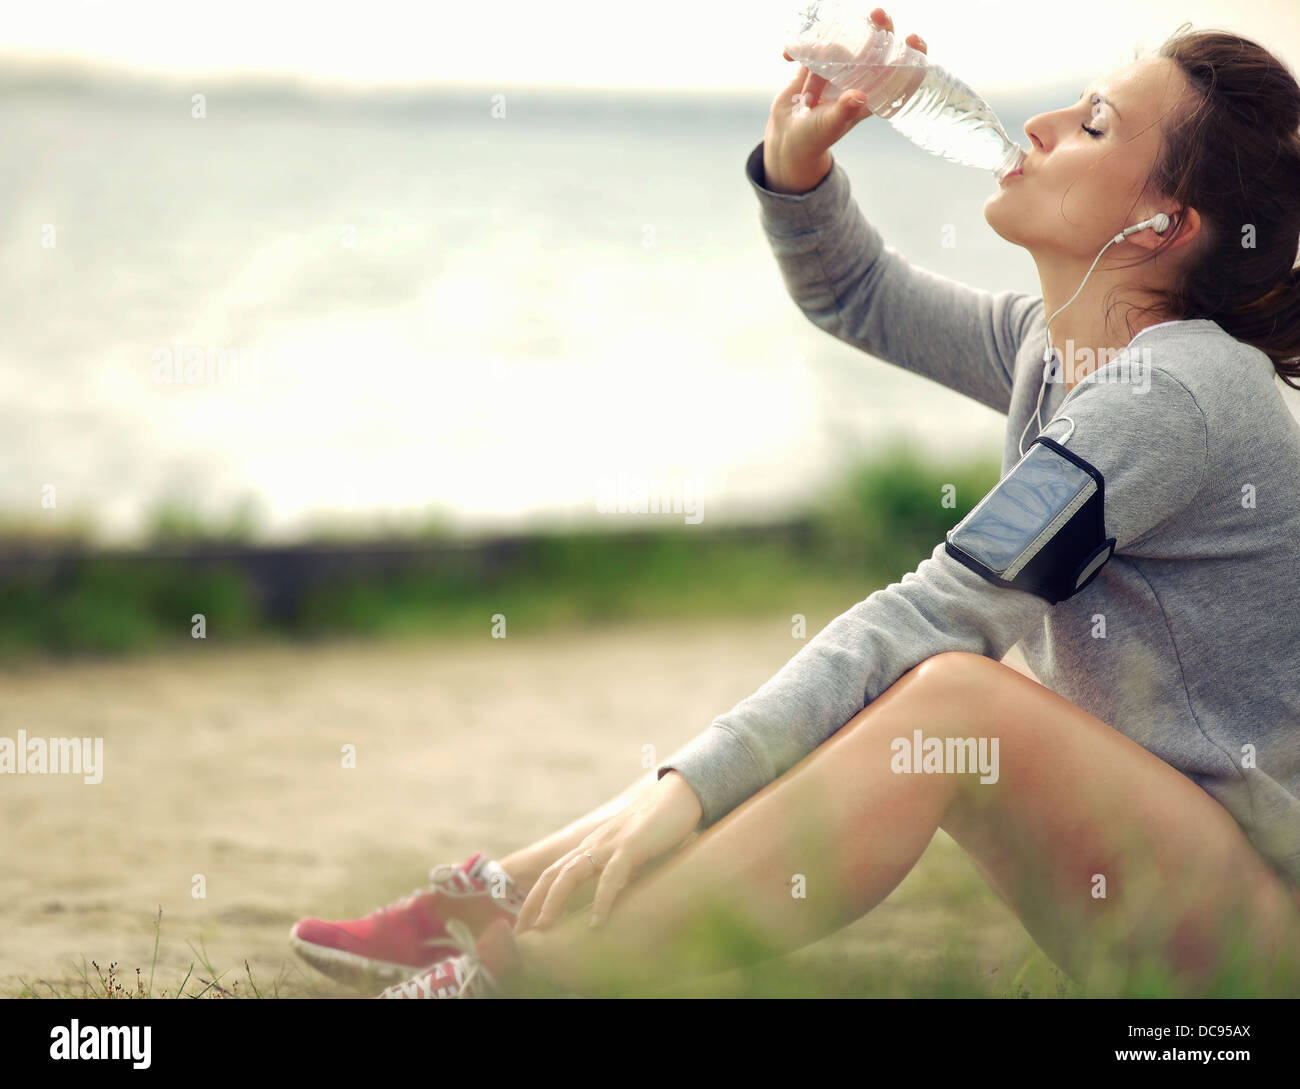 Coureuse assis sur l'herbe pendant que l'eau potable Banque D'Images